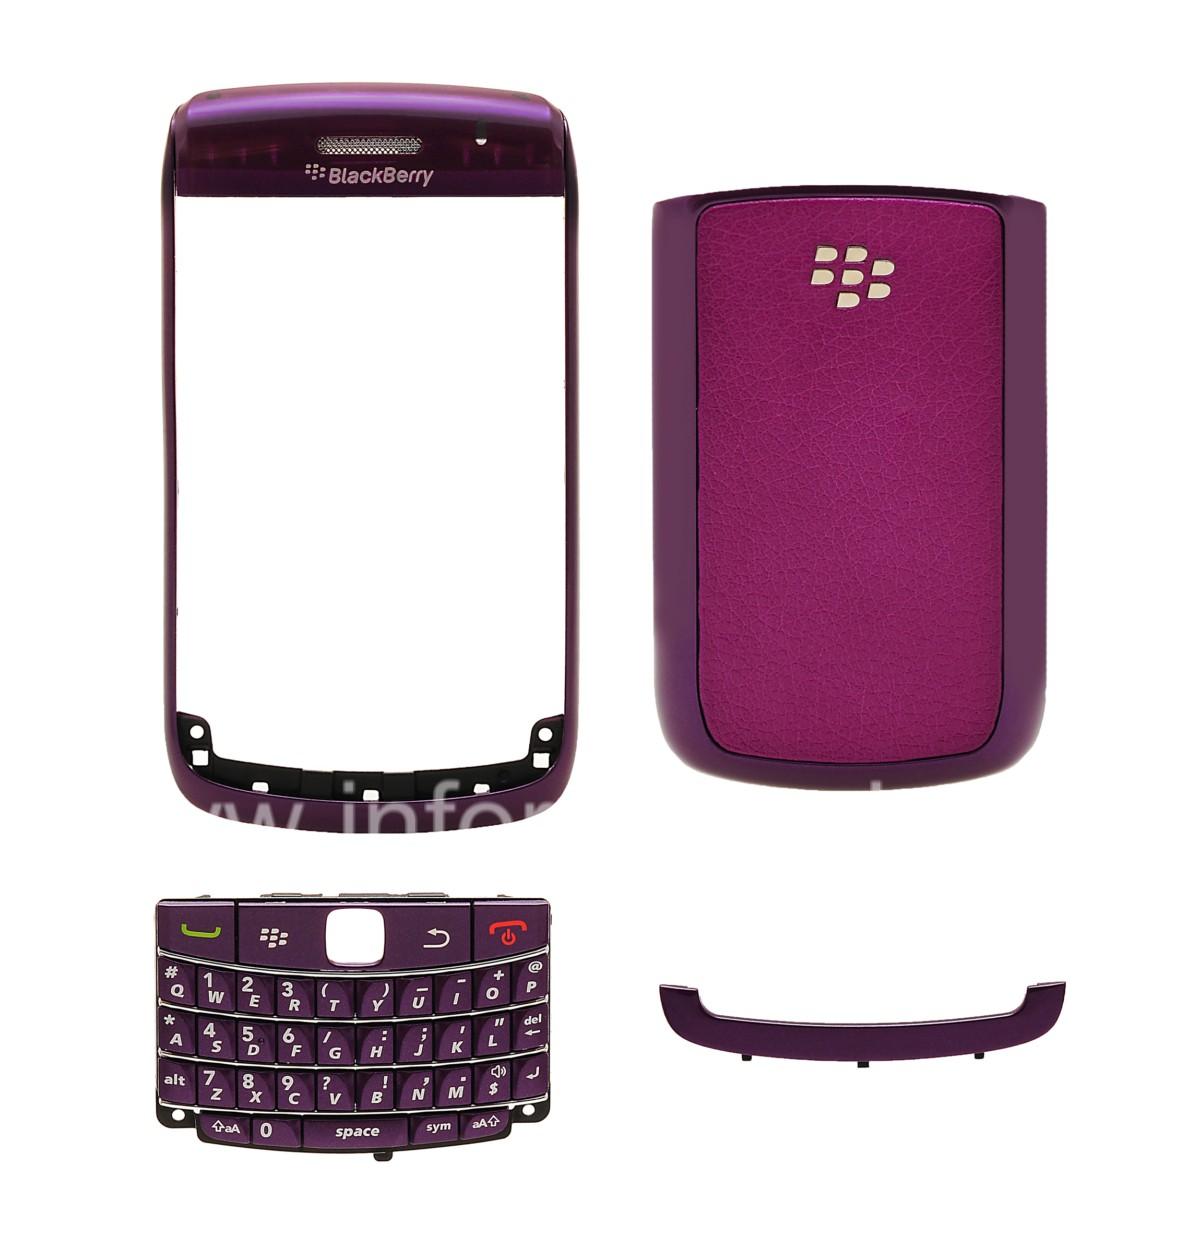 austausch der fall in einem unvollst ndigen satz wagenfarbe everything for blackberry. Black Bedroom Furniture Sets. Home Design Ideas